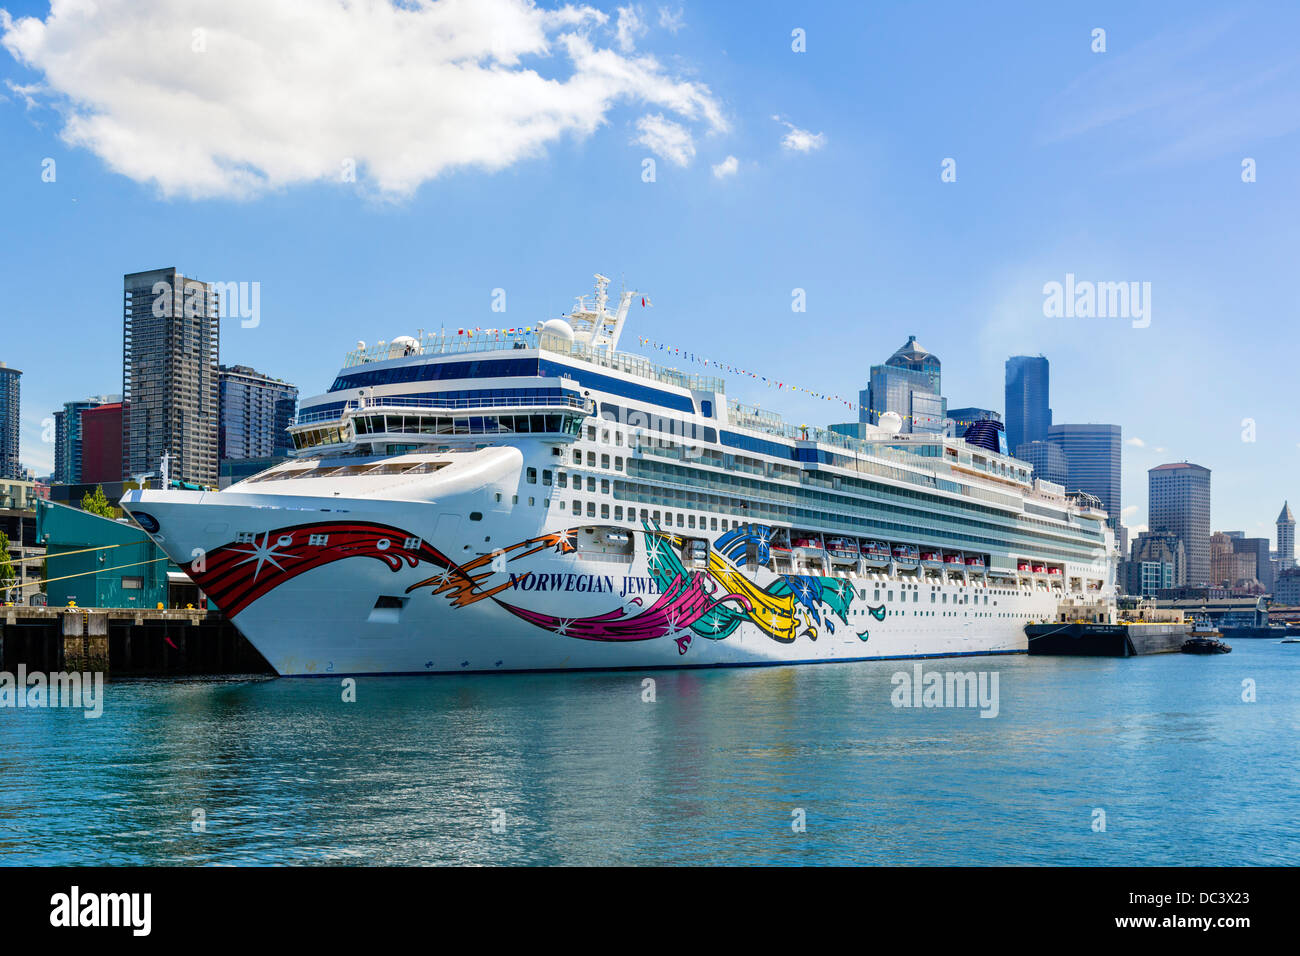 """La Norwegian Cruise Lines crucero """"noruego Joya' atracó en el puerto de Seattle, Washington, EE.UU. Imagen De Stock"""